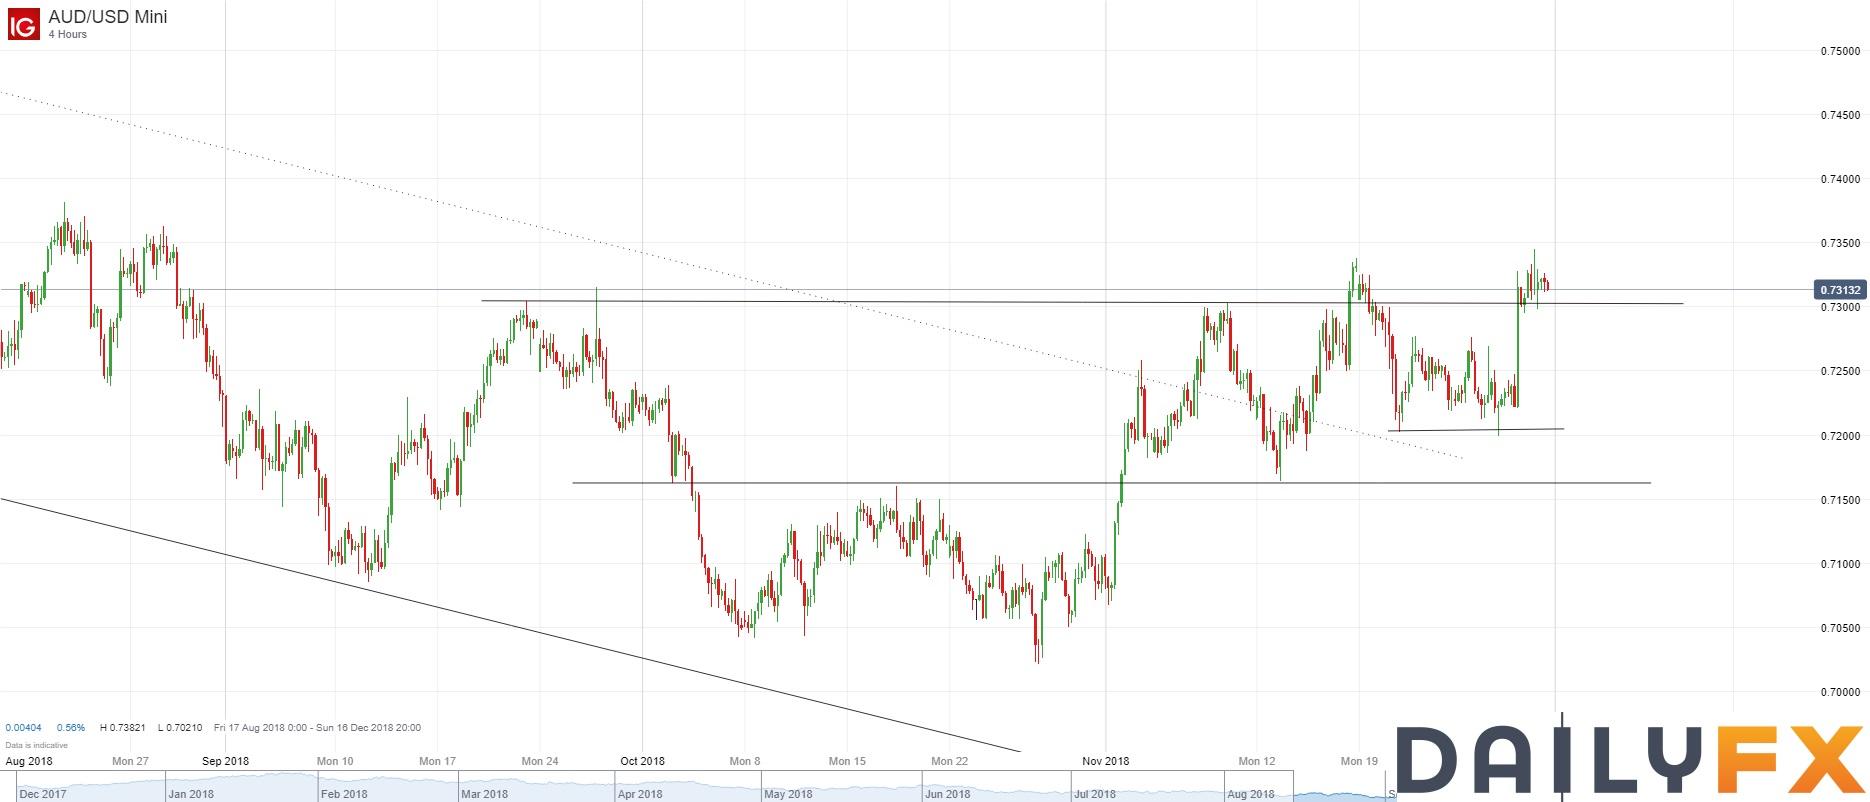 澳元/美元技术分析:多头提前离场,轻微盈利